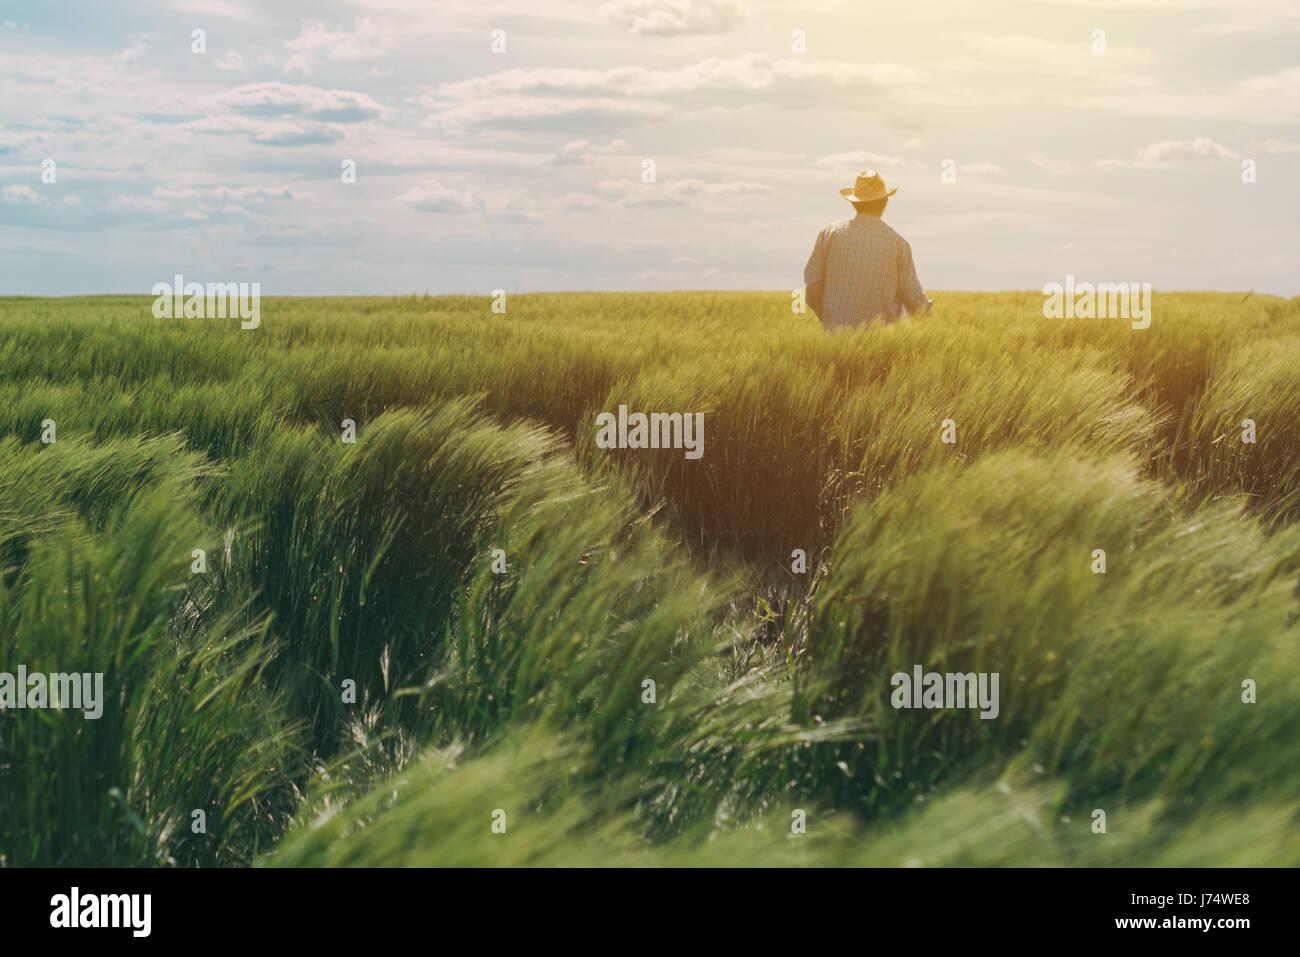 Landwirt zu Fuß durch ein grünes Weizenfeld an windigen Frühlingstag und Getreide zu prüfen Stockfoto